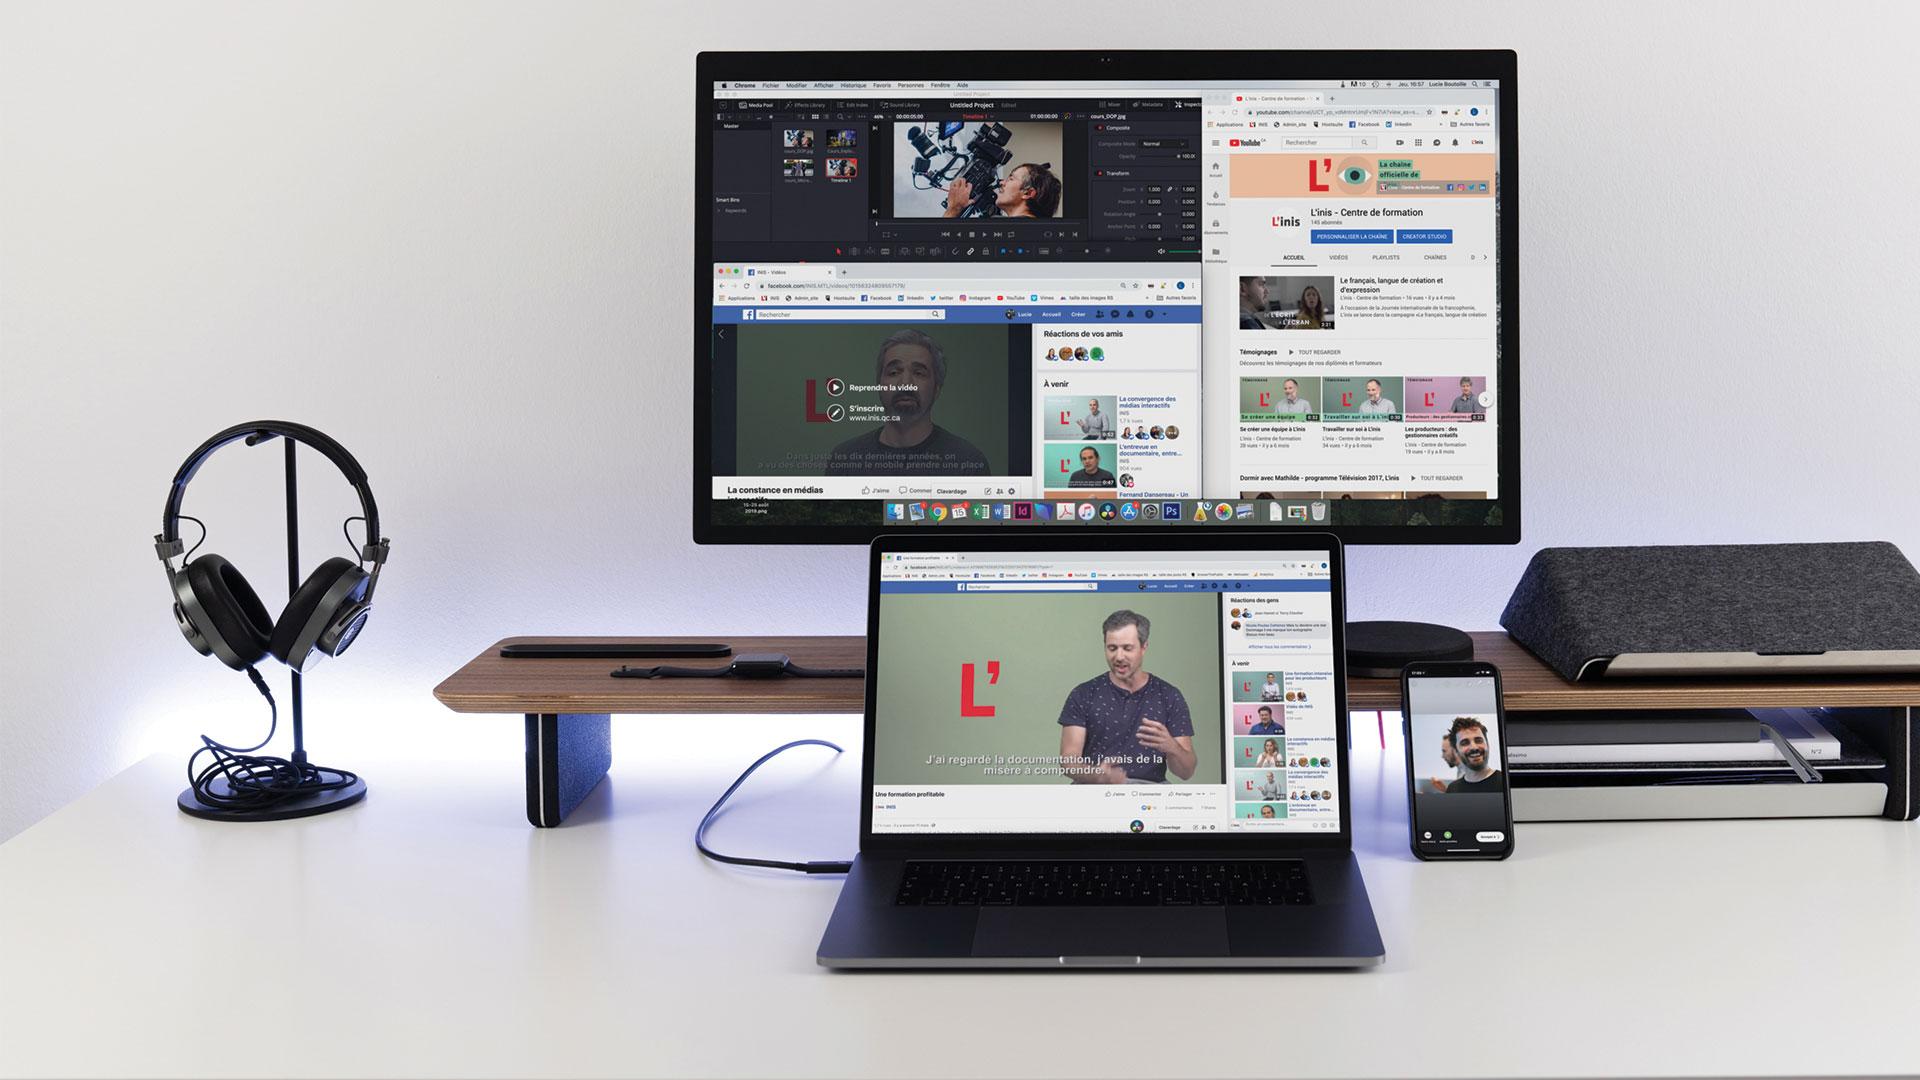 Produire et diffuser des vidéos : Facebook, Instagram et YouTube